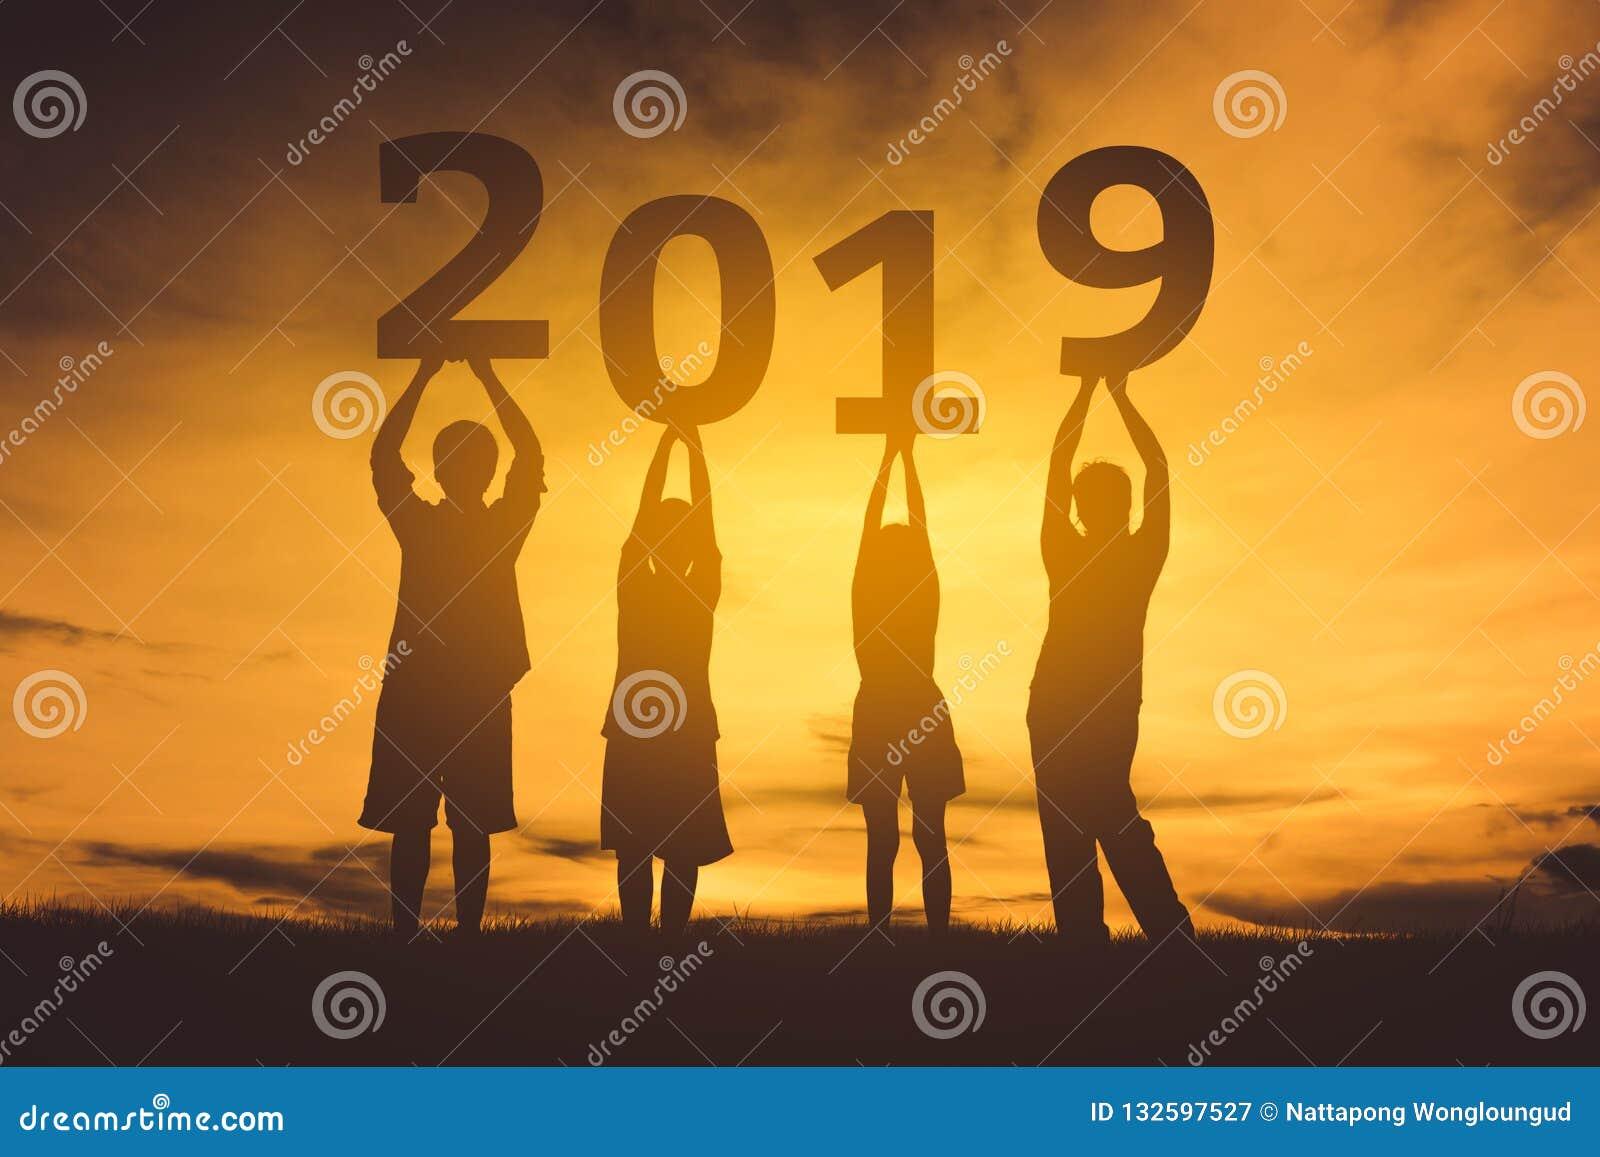 Happy New Year Family 40